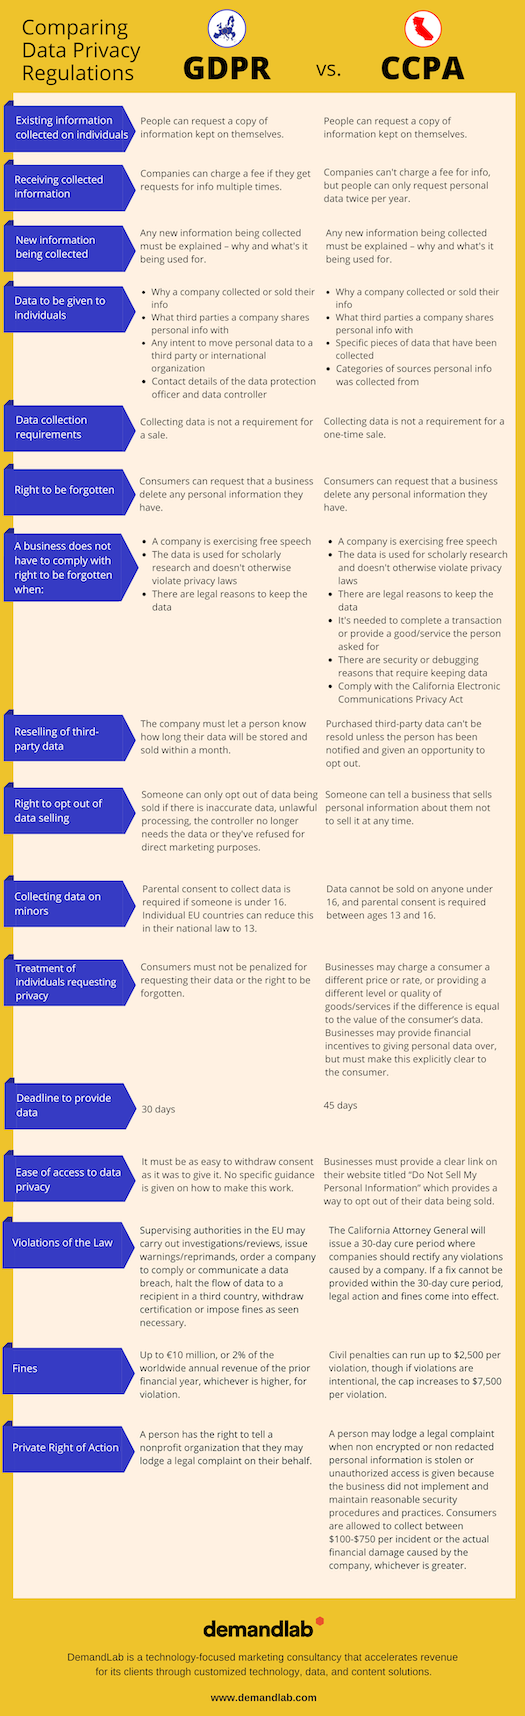 CCPA-GDPR-comparison-infographic